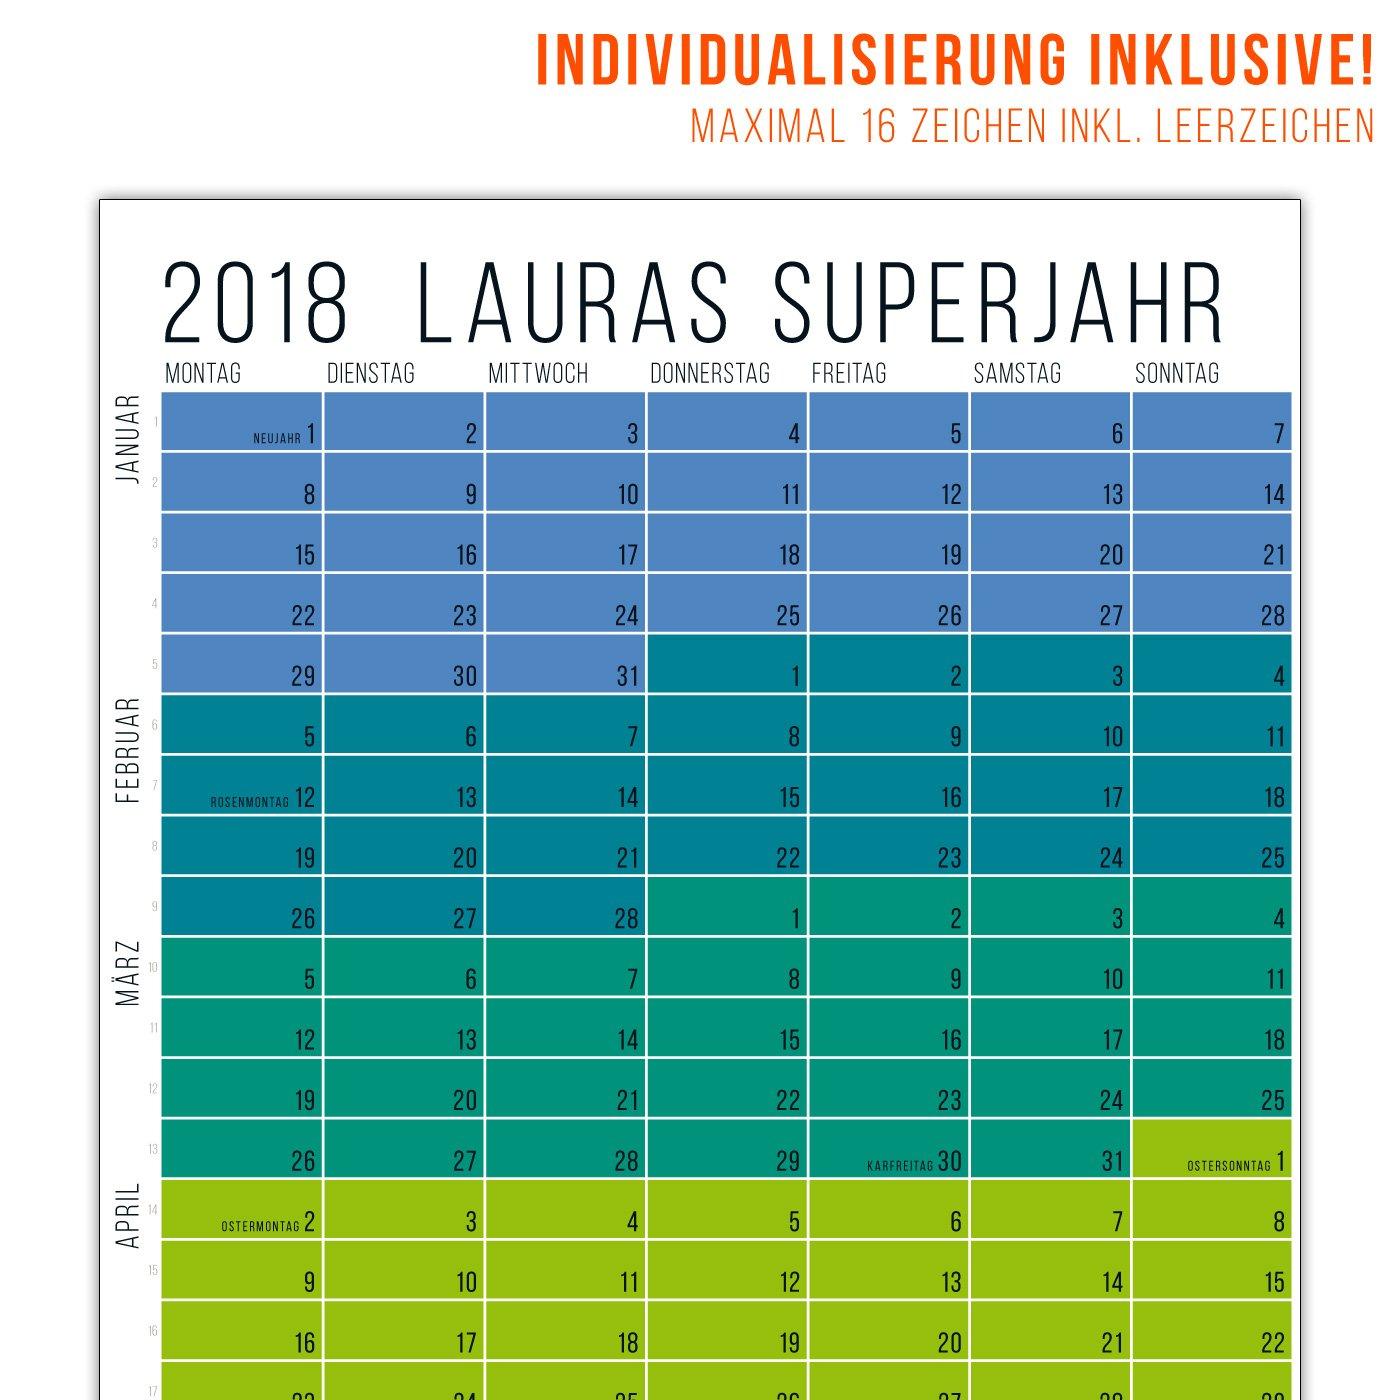 Das ganz besondere Weihnachtsgeschenk: Personalisierter Wandkalender für 2018